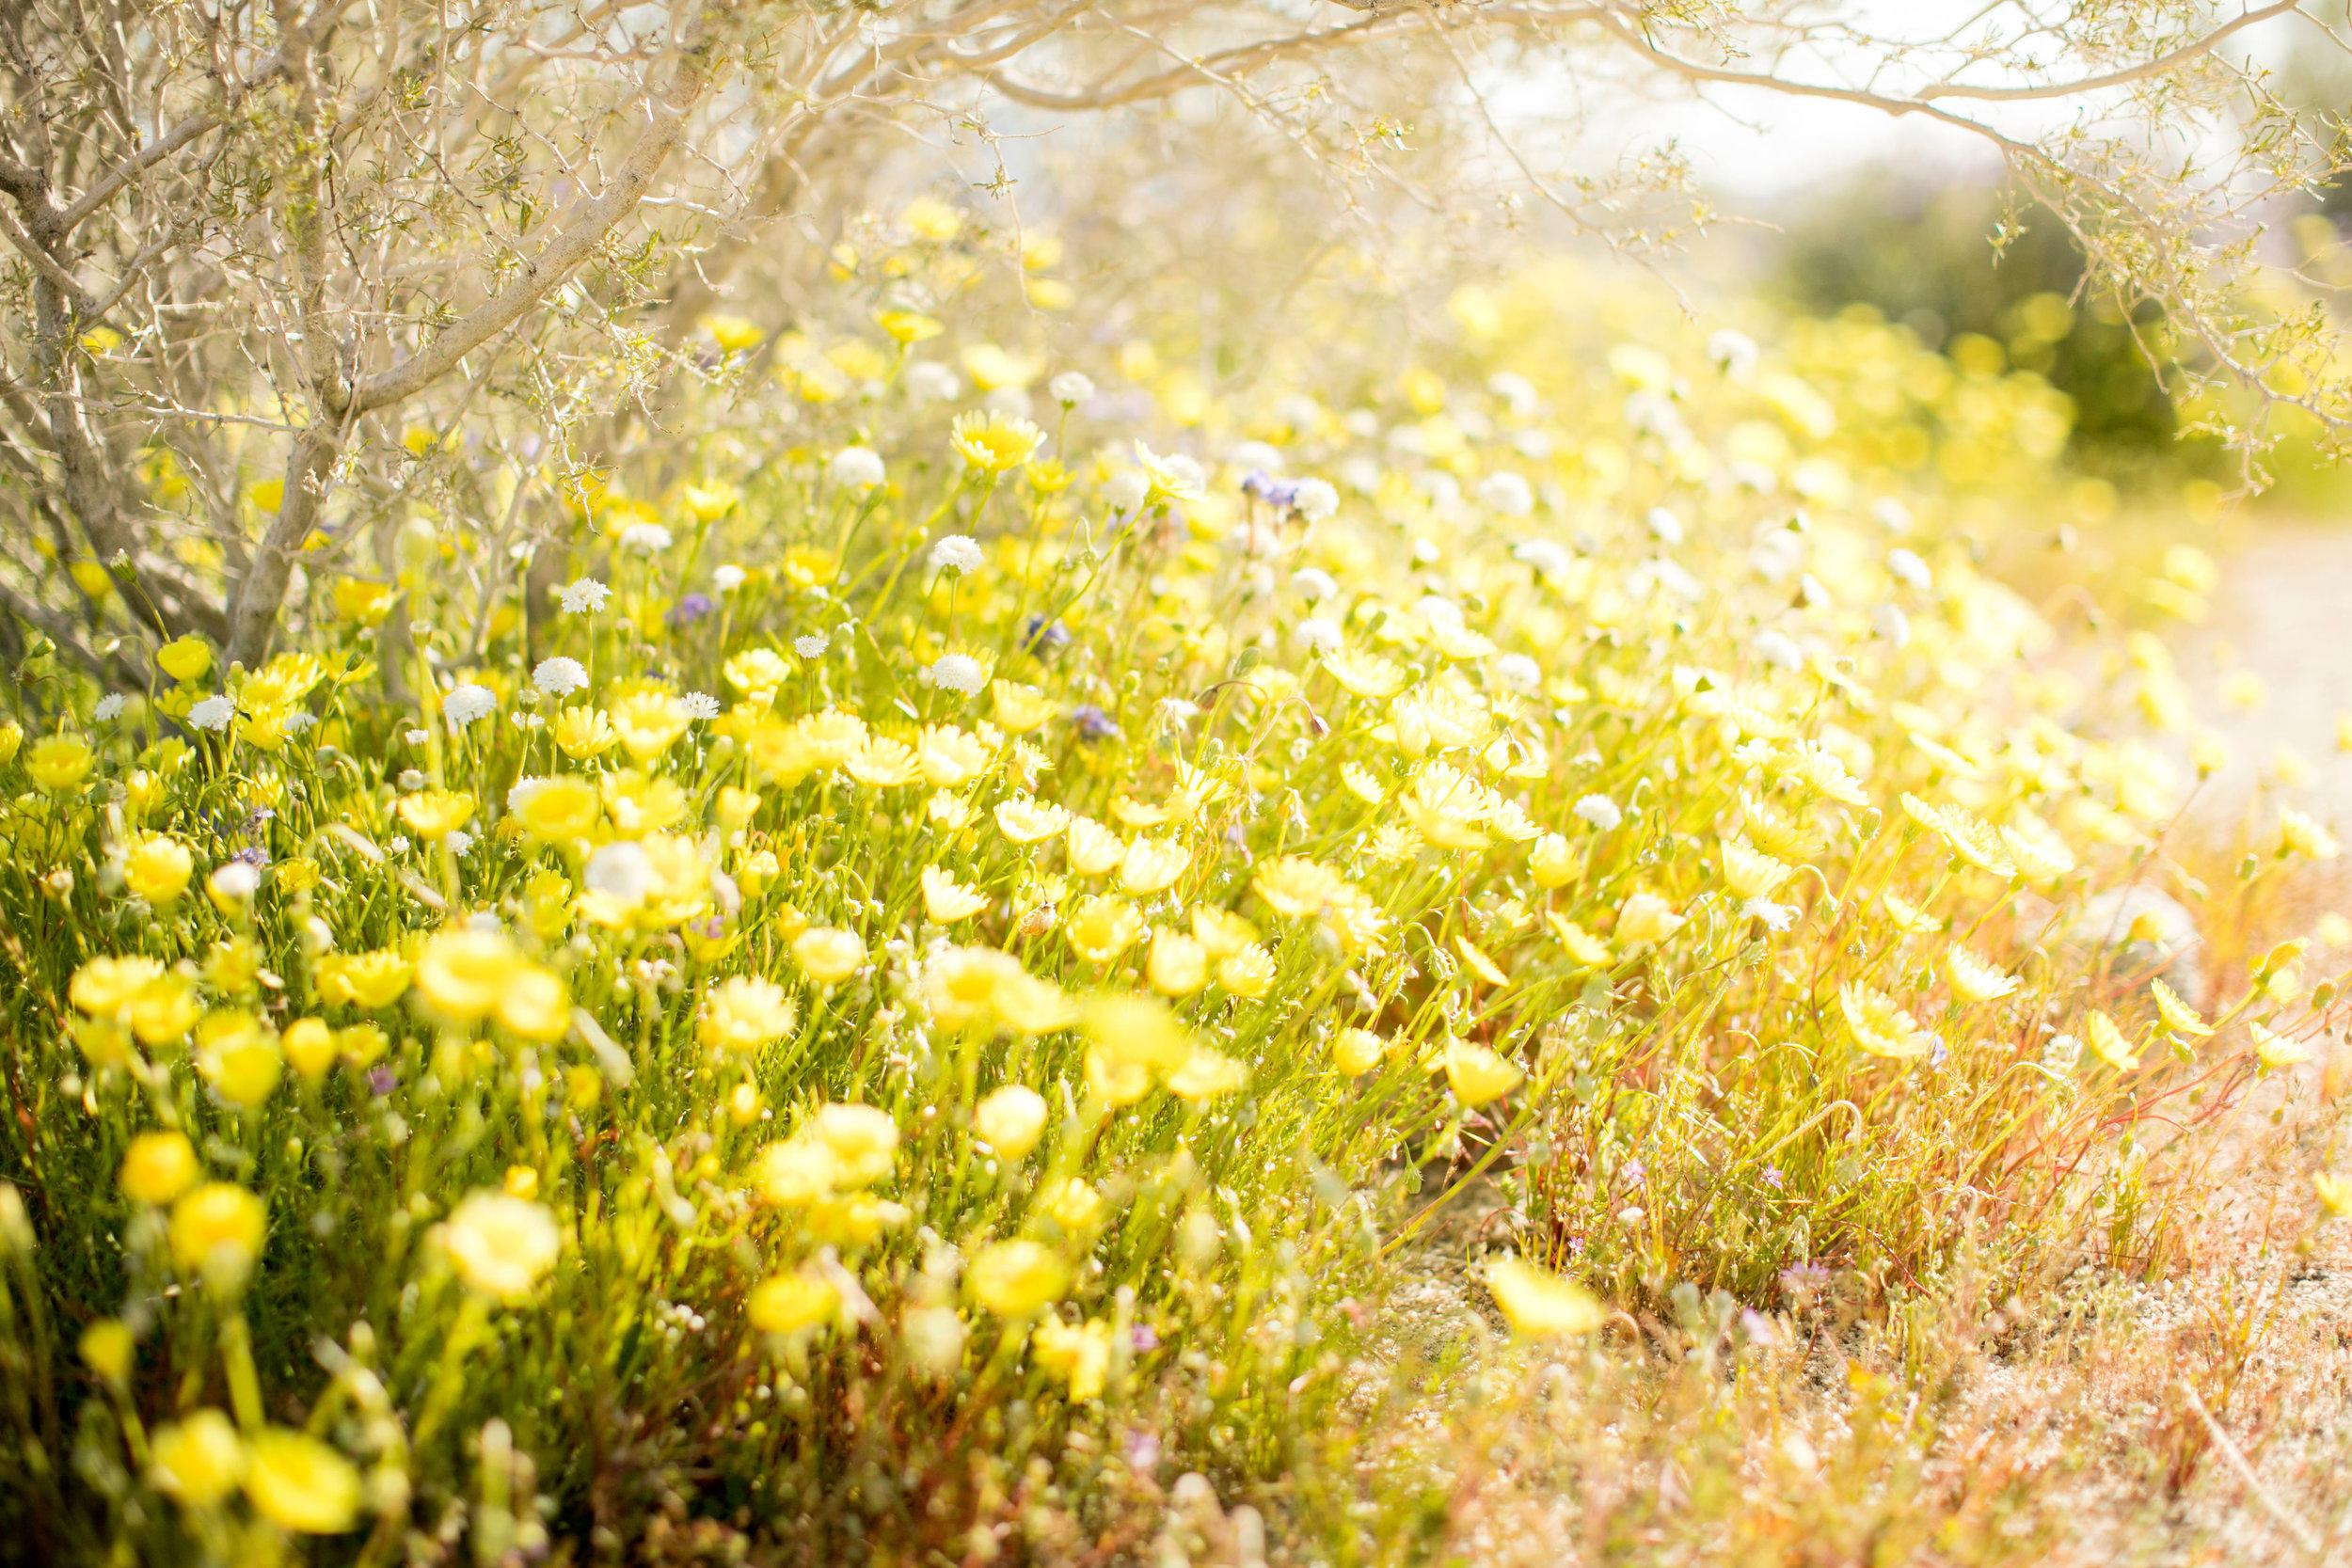 Wildflowers in Super Bloom 2019